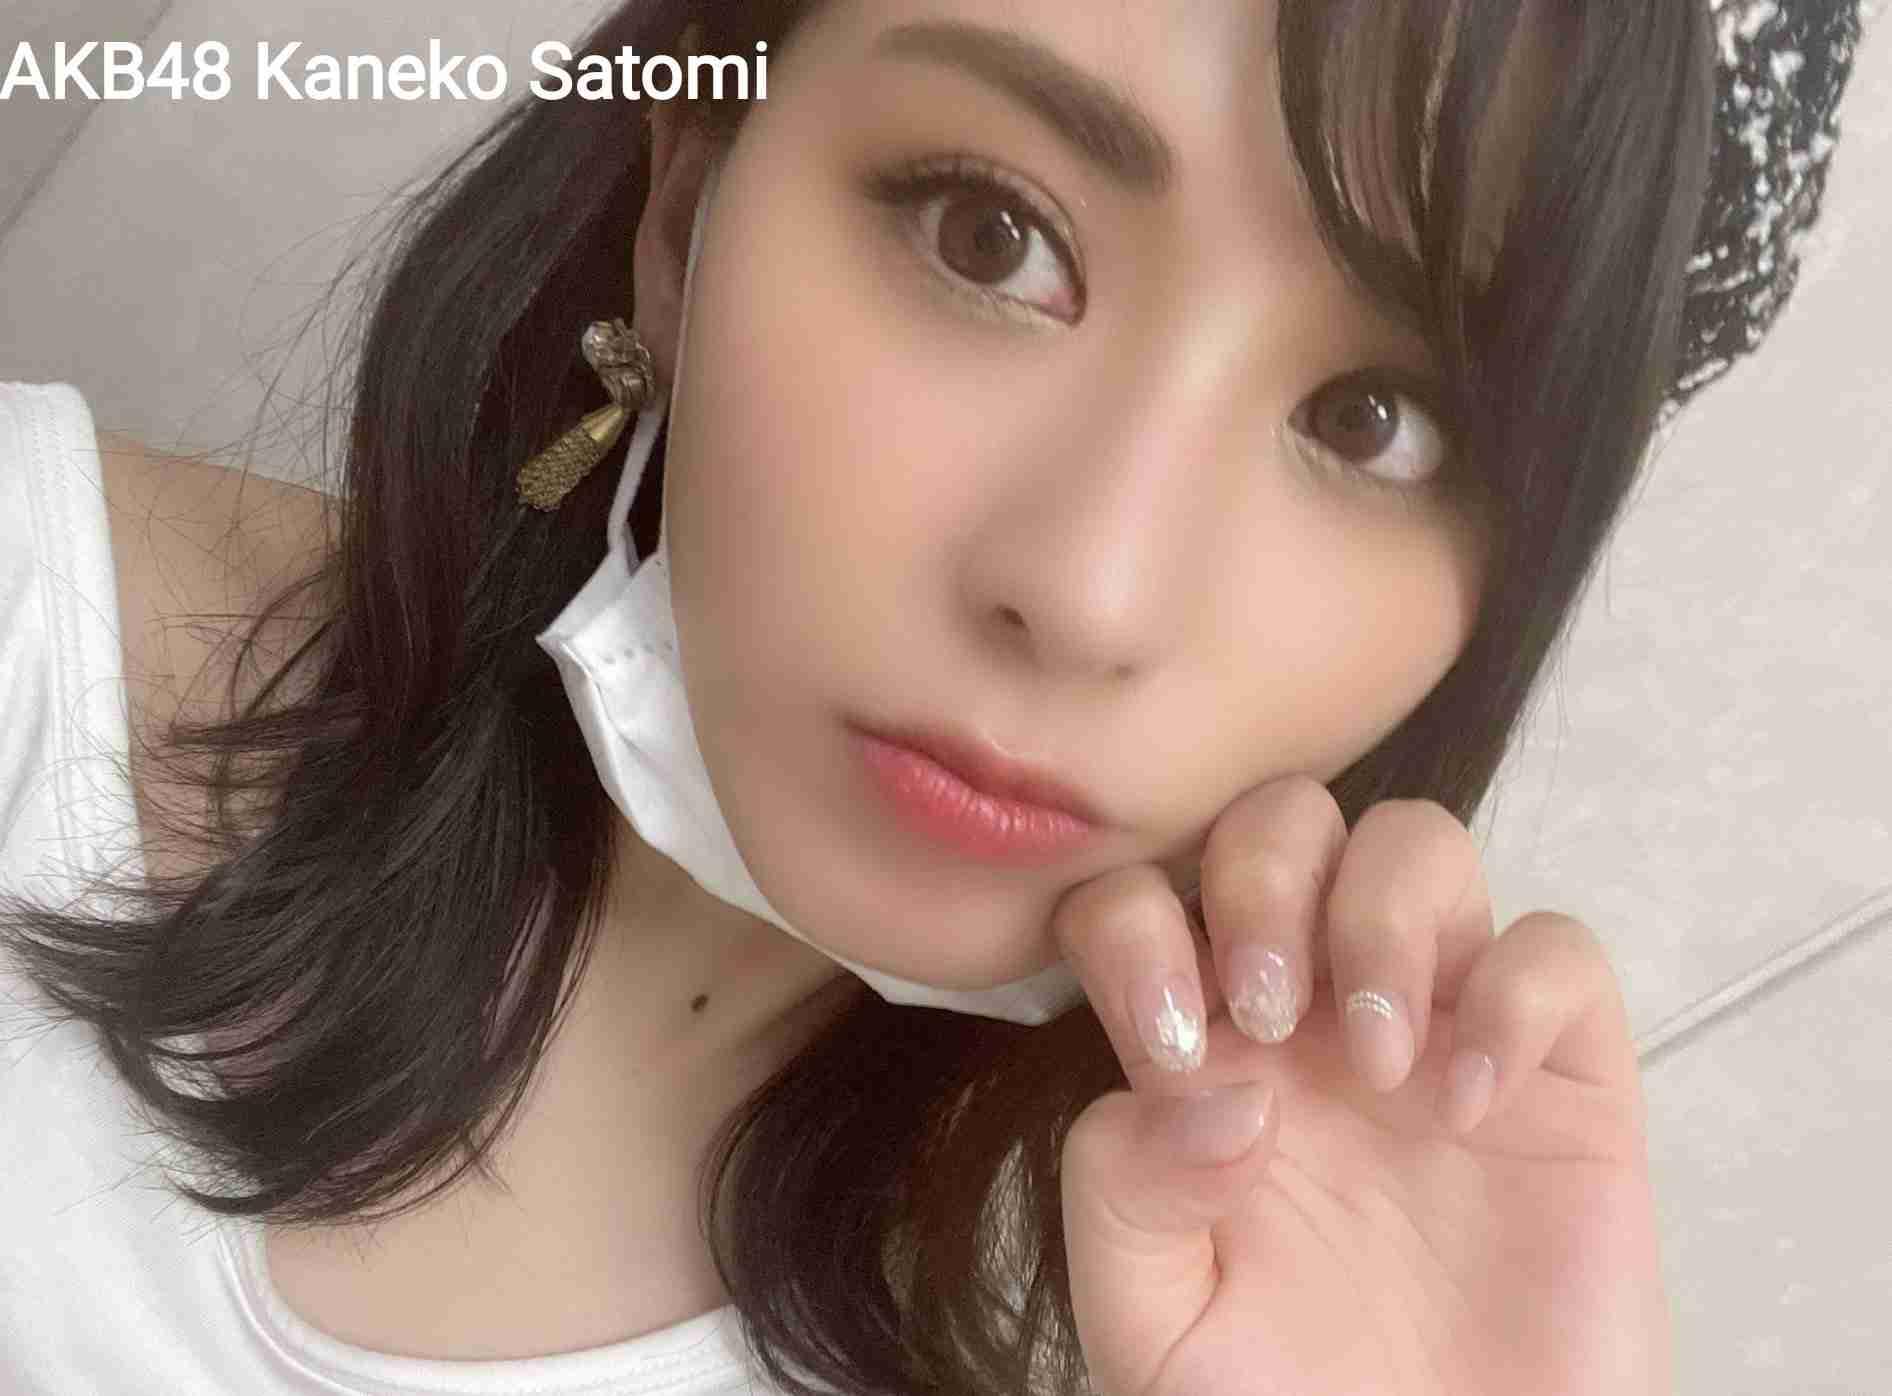 kaneko satomi akb48